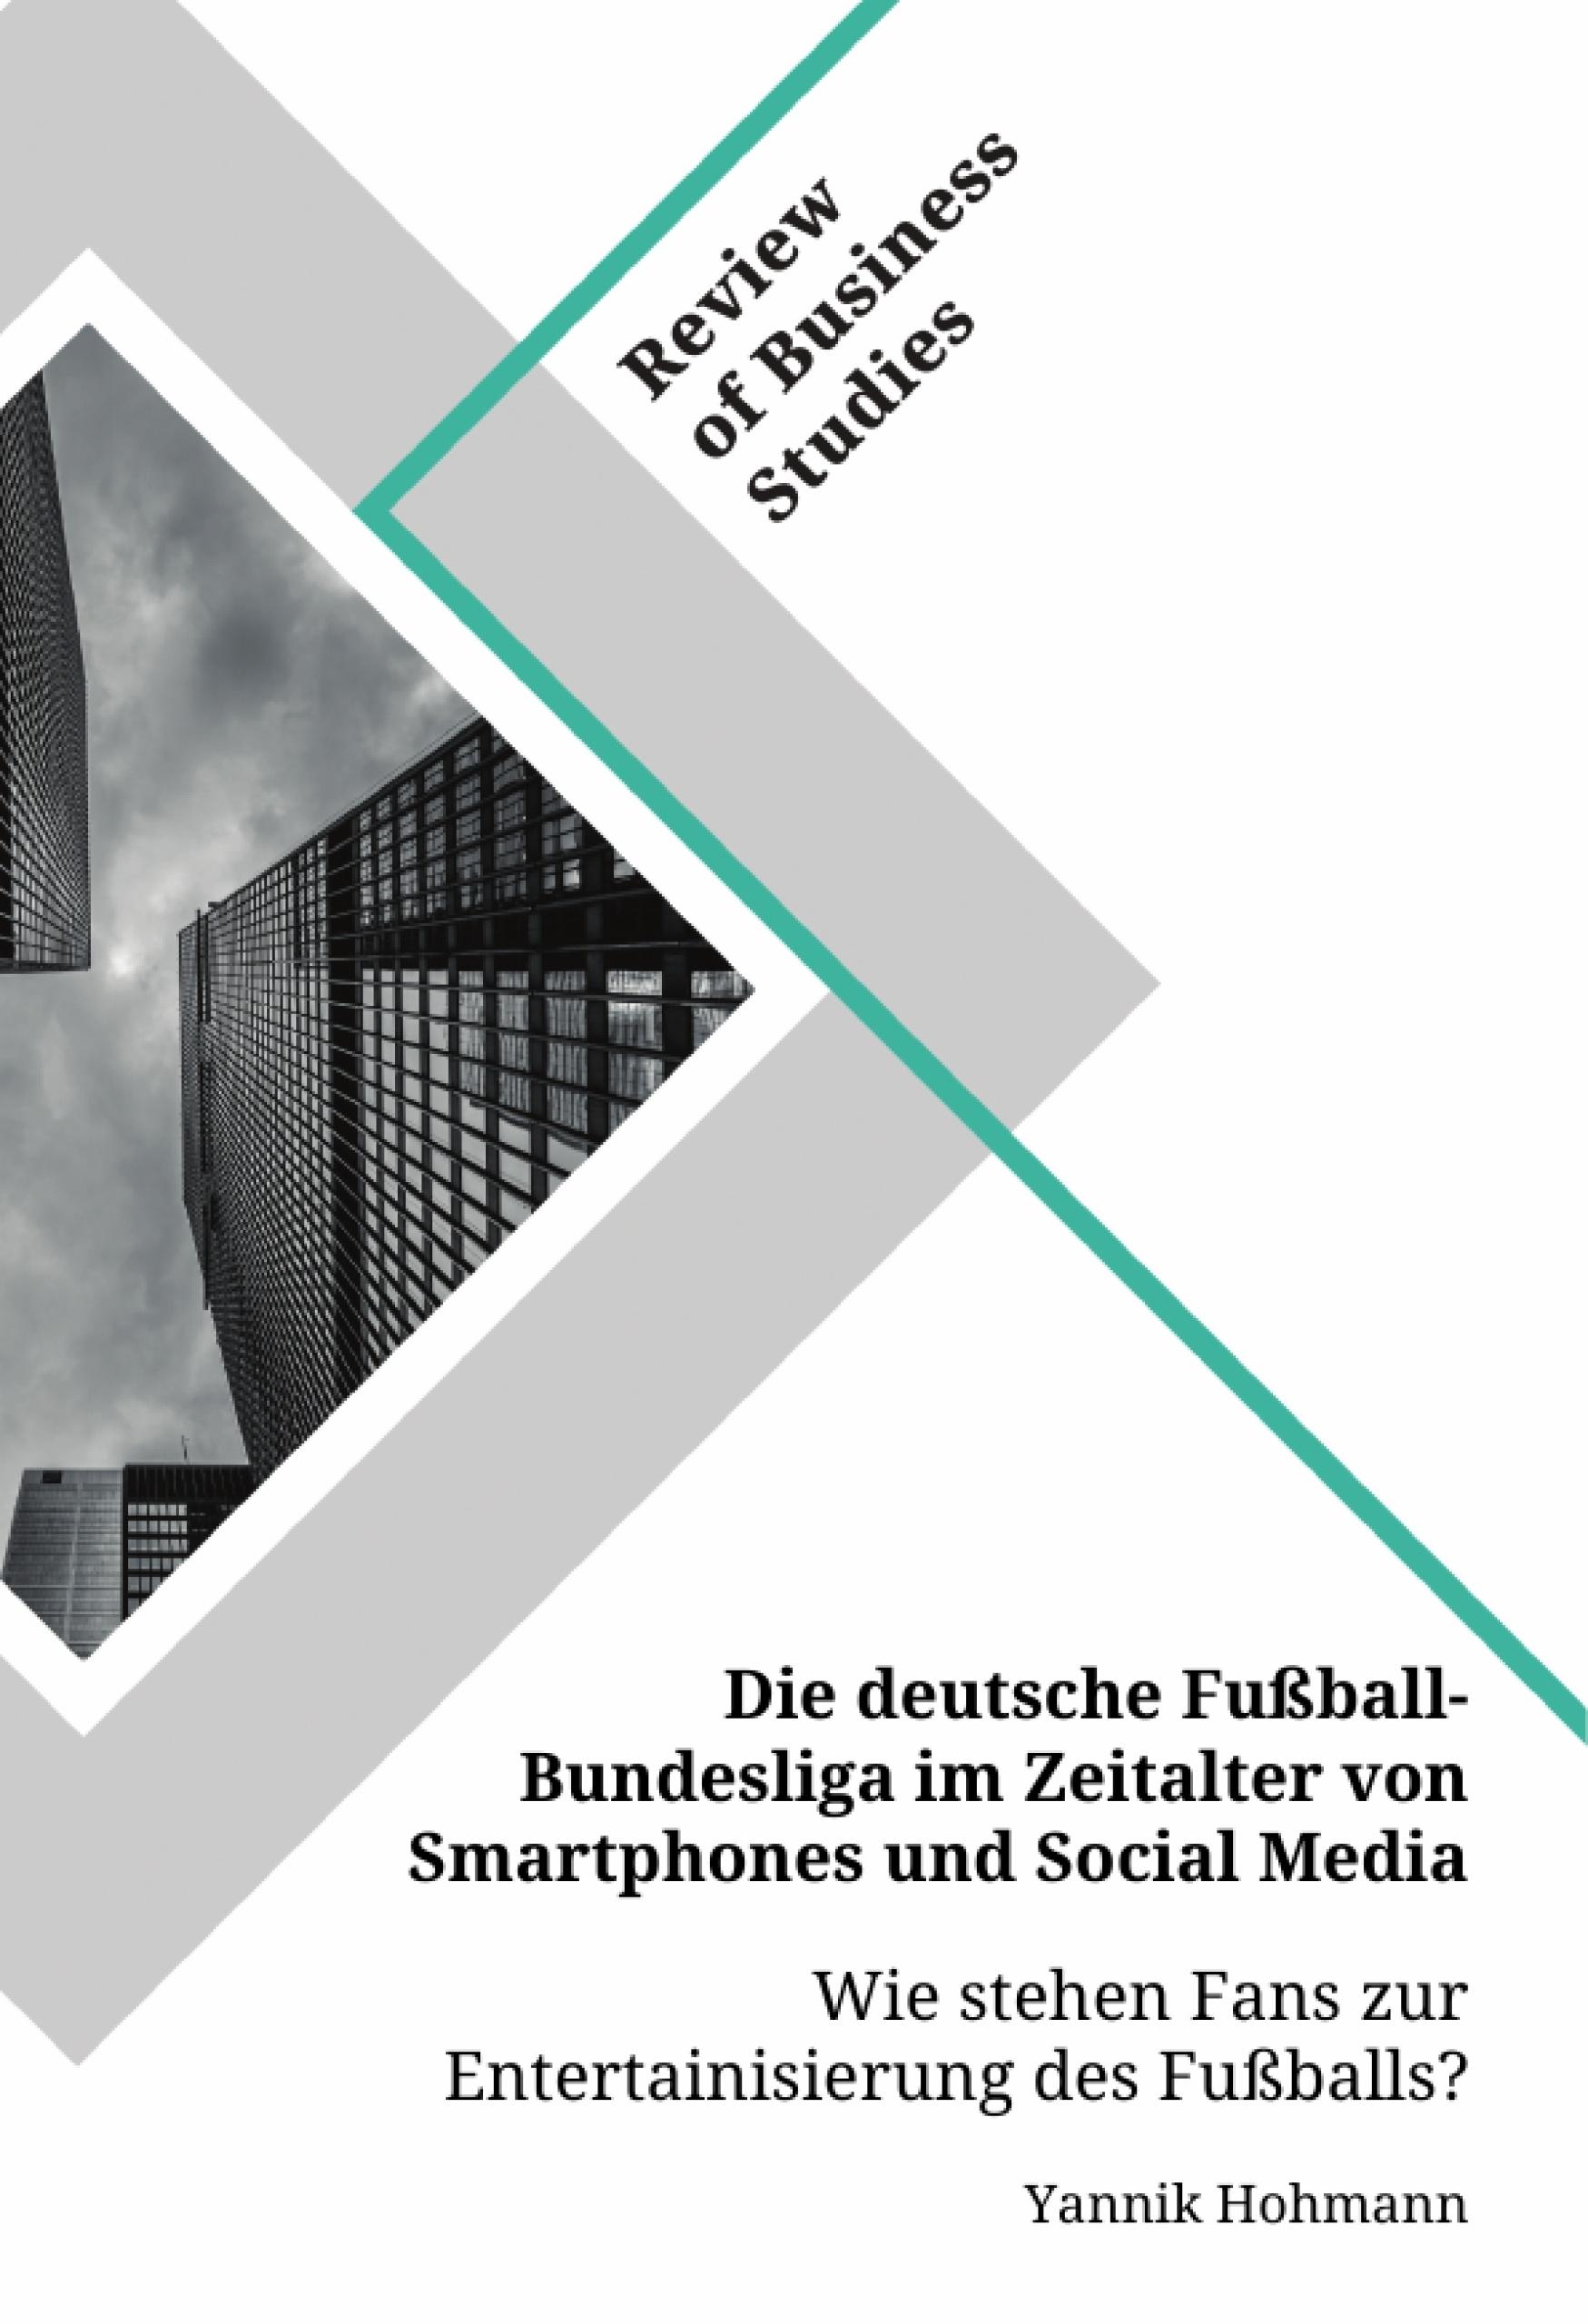 Titel: Die deutsche Fußball-Bundesliga im Zeitalter von Smartphones und Social Media. Wie stehen Fans zur Entertainisierung des Fußballs?